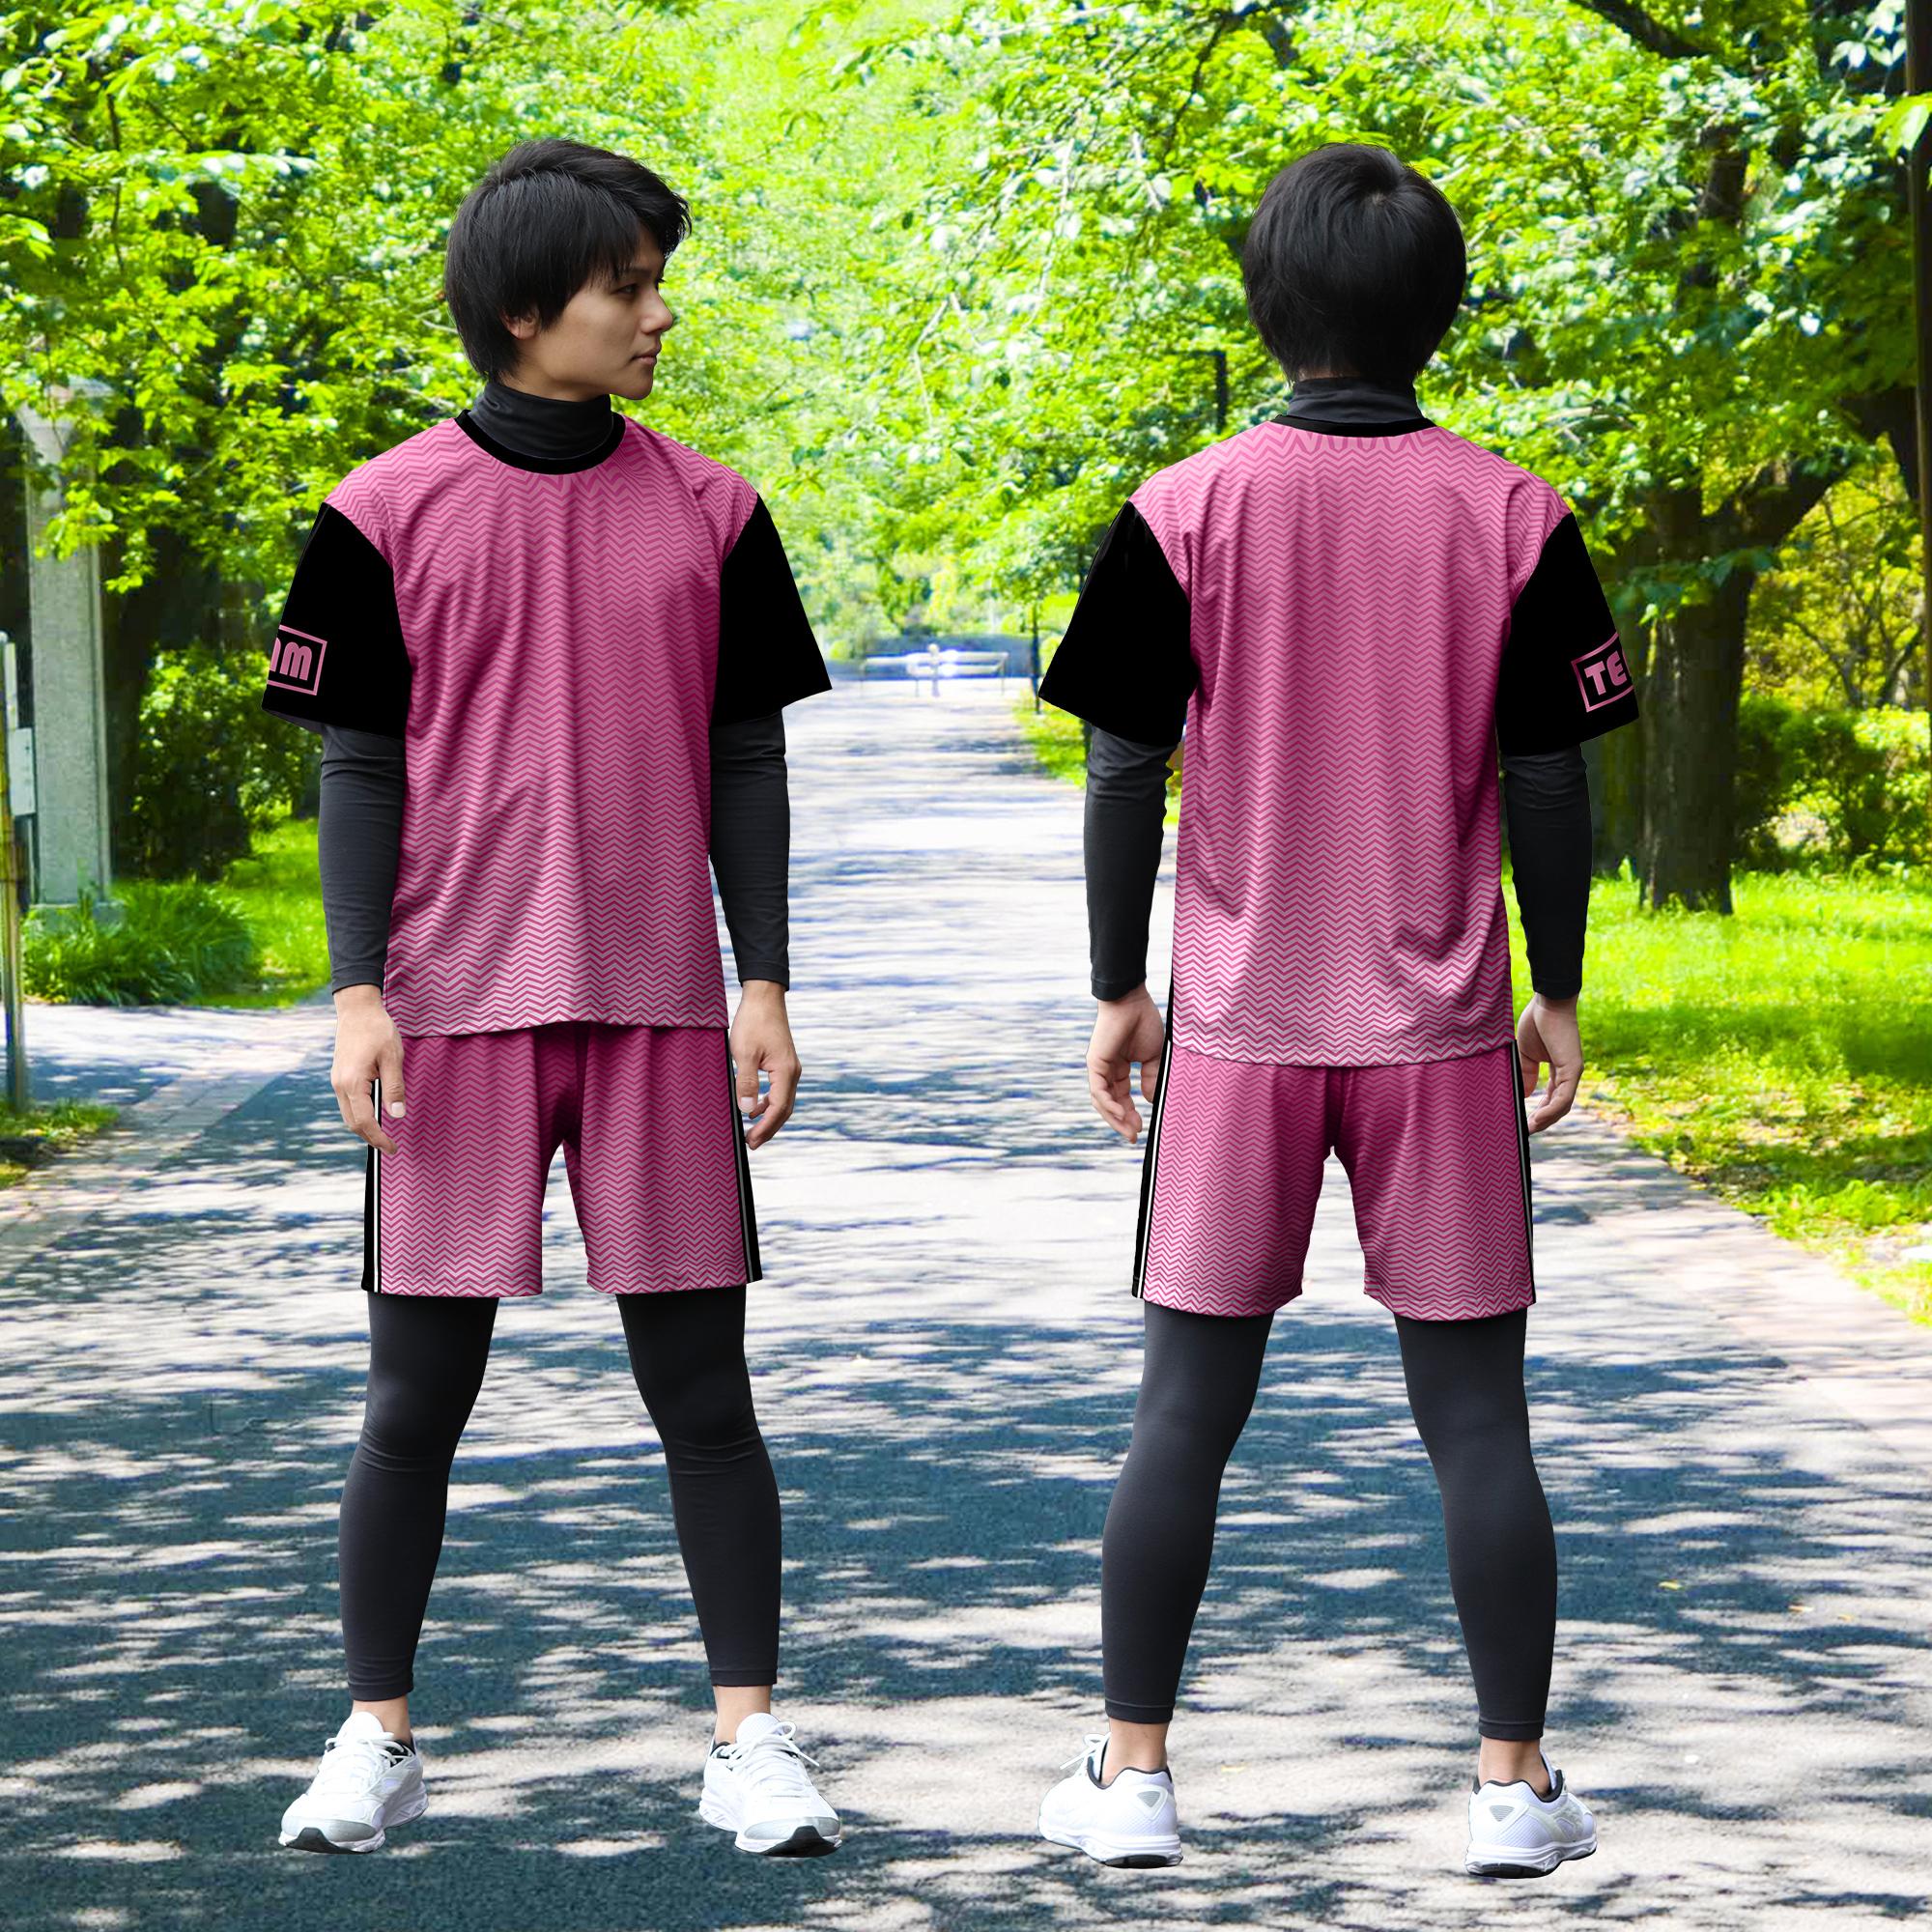 マラソン_デザイン2_ピンク